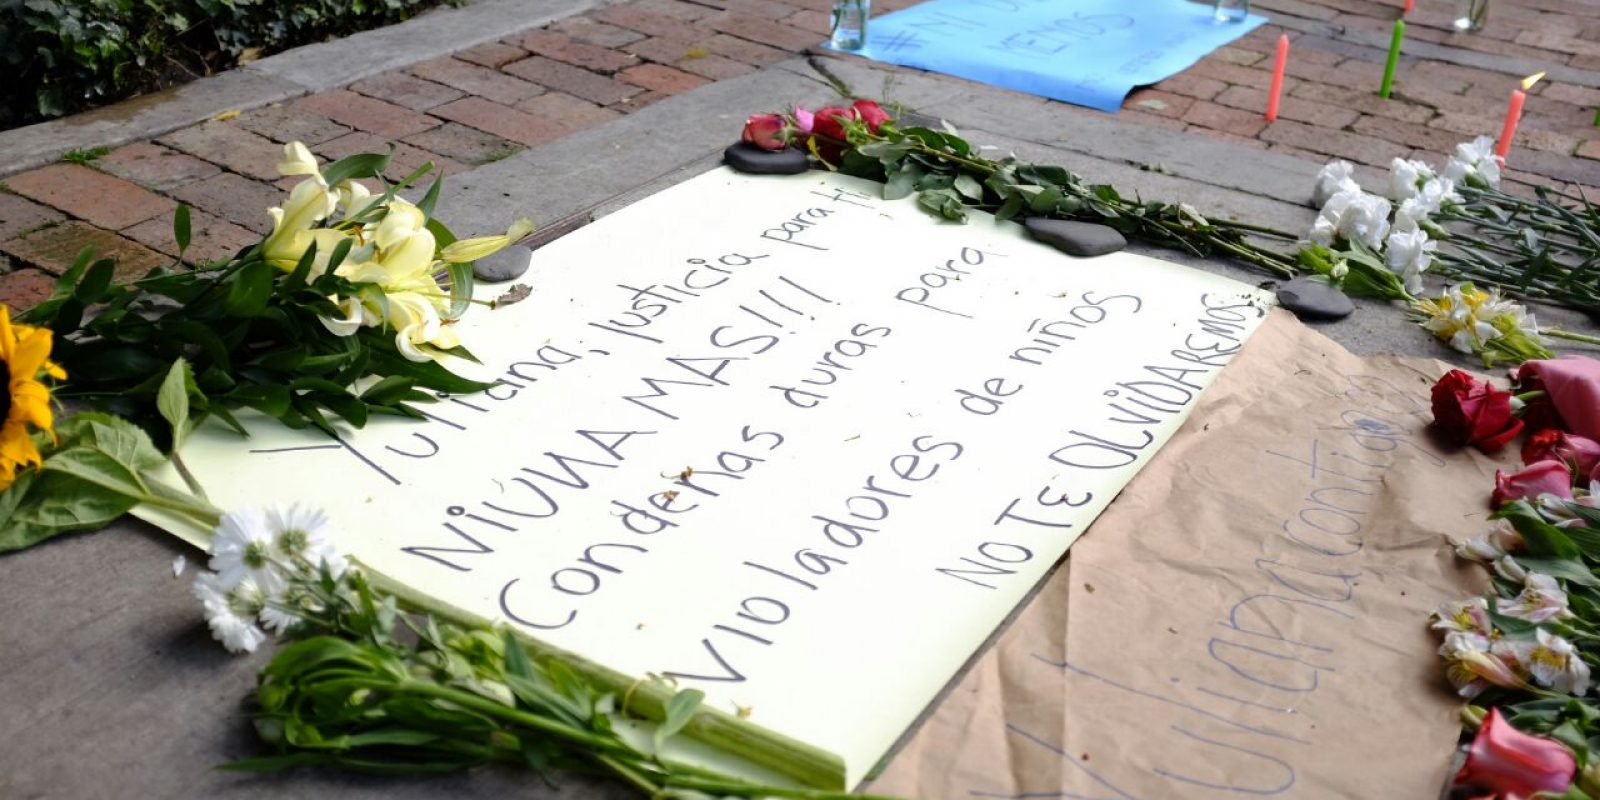 Investigarán a Policías que participaron el caso de Yuliana Samboní. Imagen Por: Publimetro